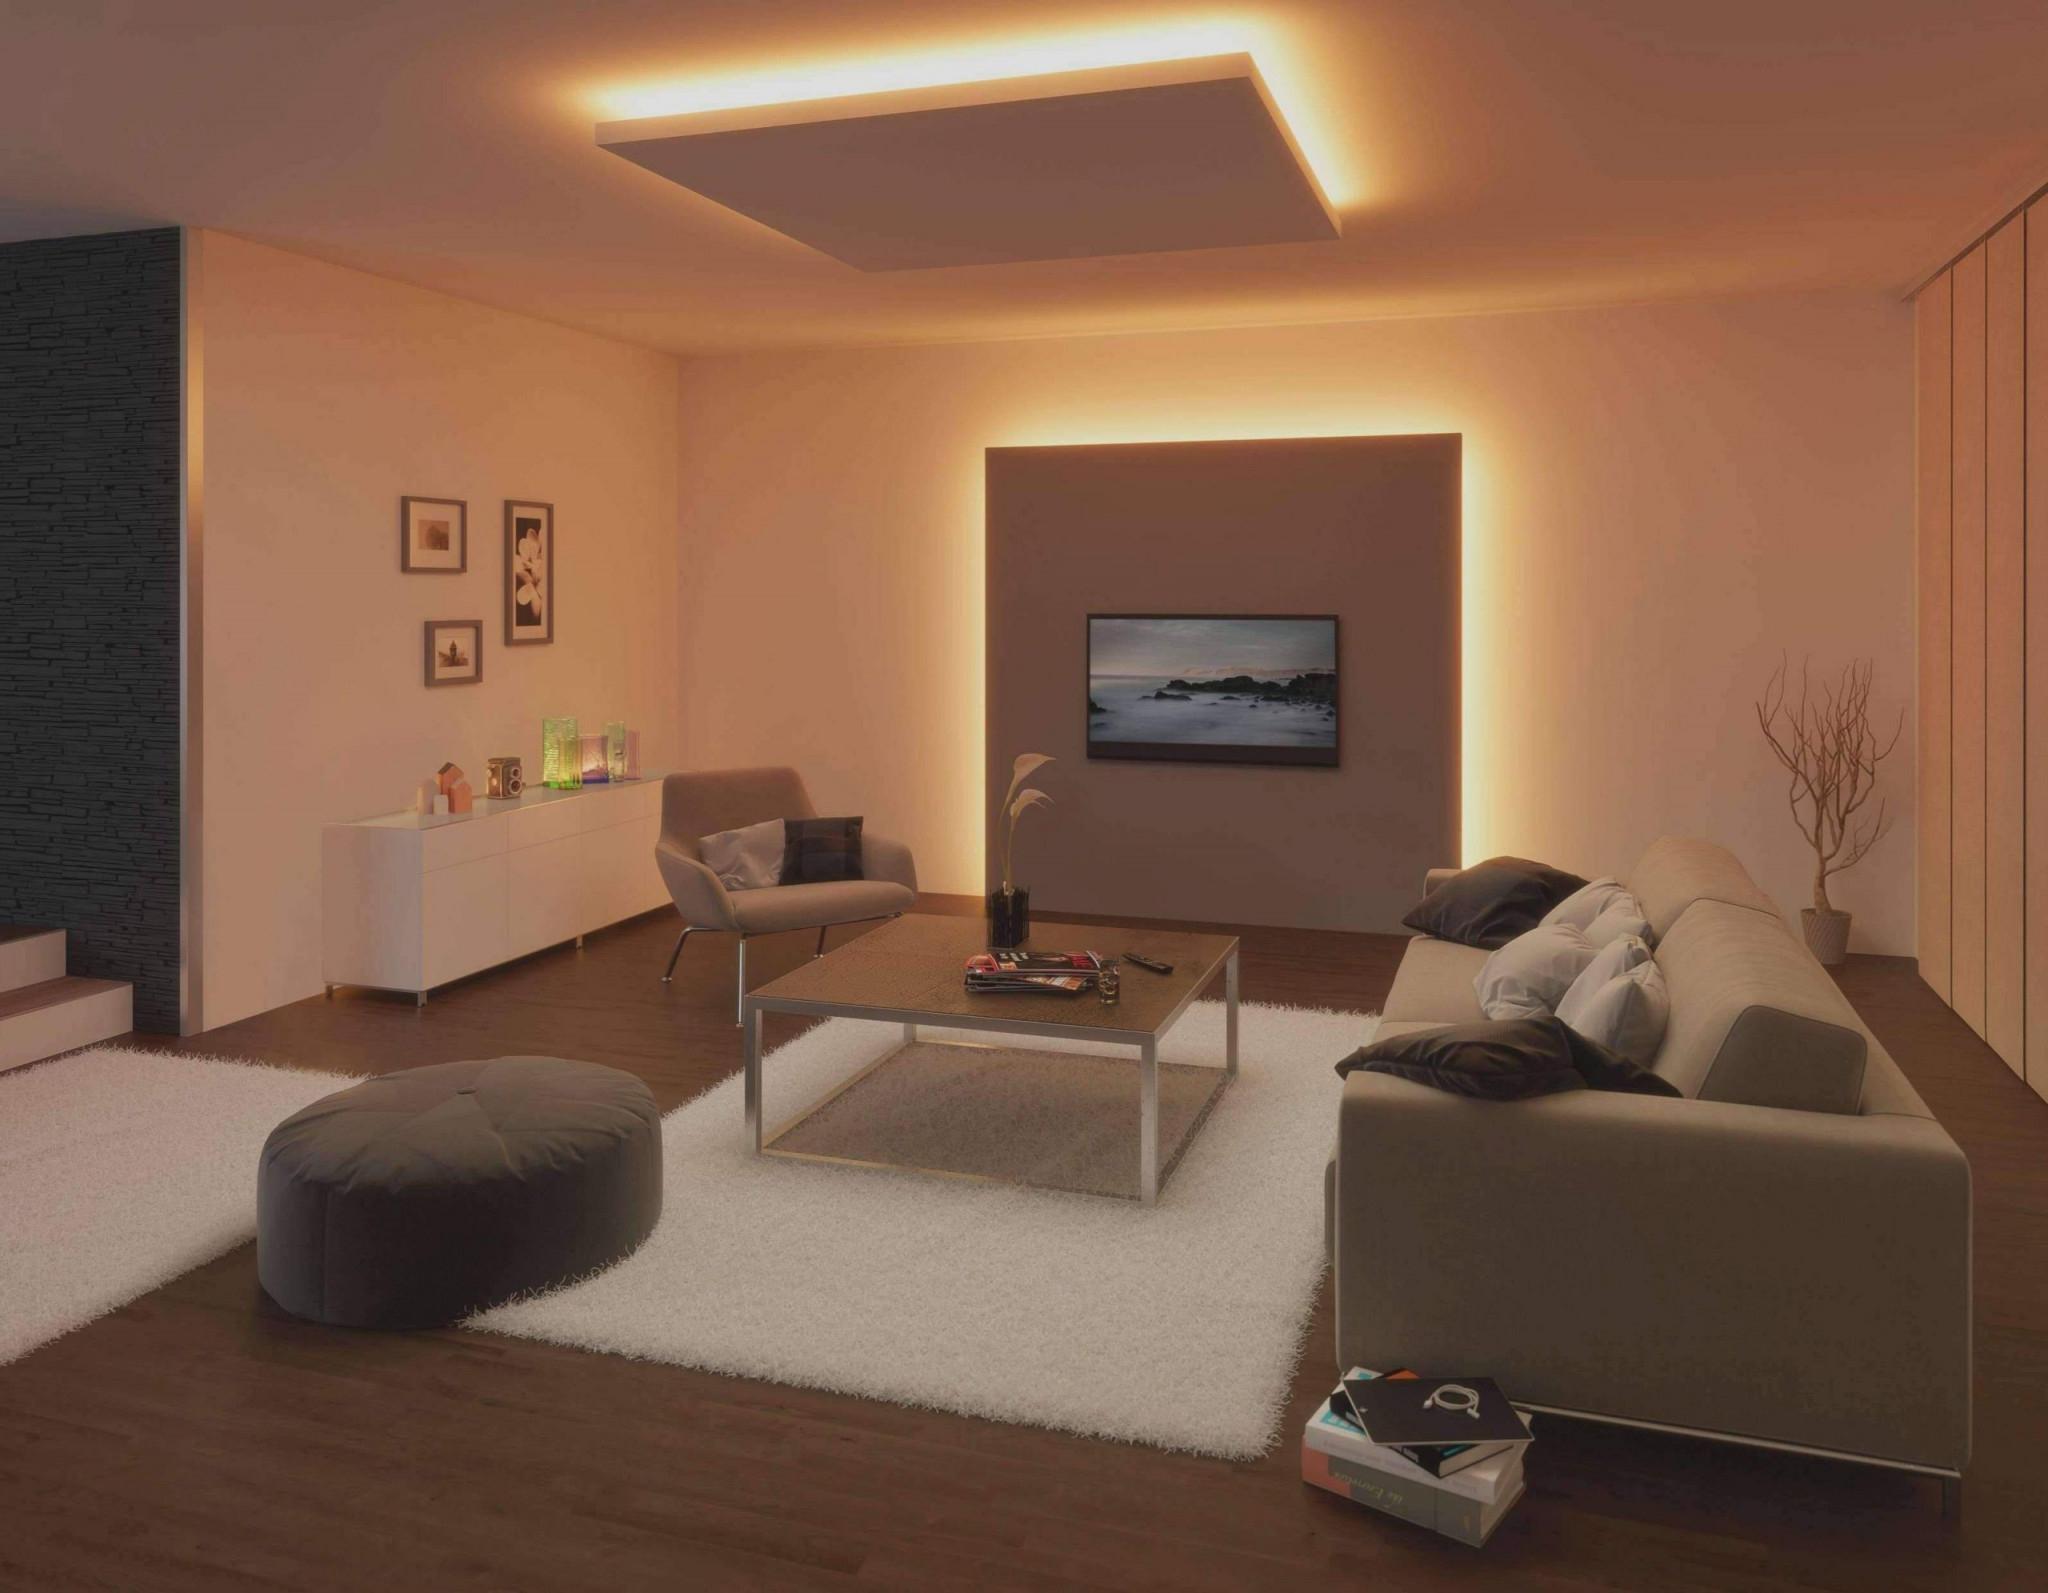 40 Einzigartig Wohnzimmer Holz Reizend  Wohnzimmer Frisch von Wohnzimmer Ideen Holz Bild